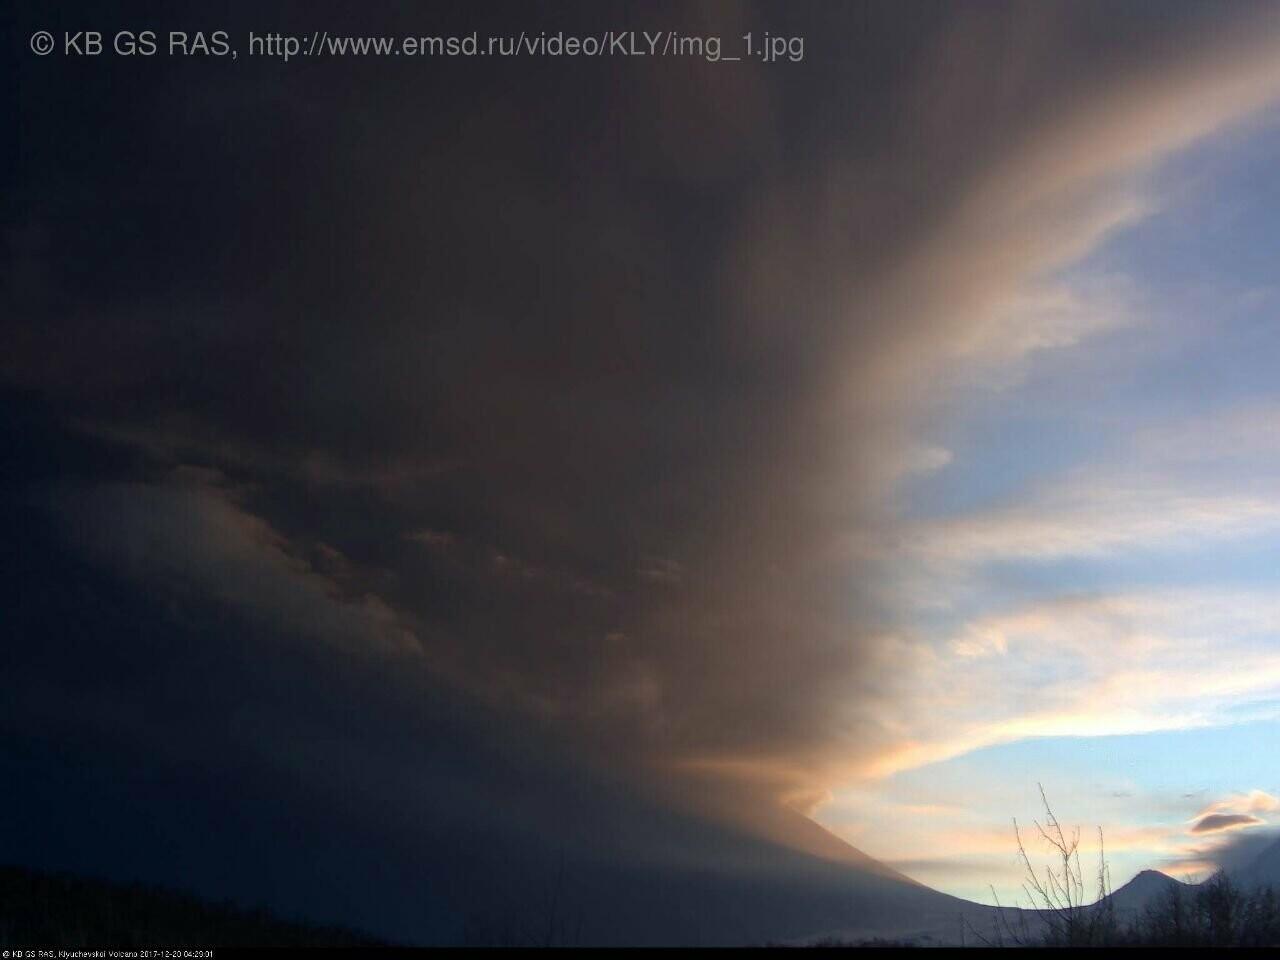 На Камчатке Безымянный «выстрелил» пеплом на 15 км, фото-2